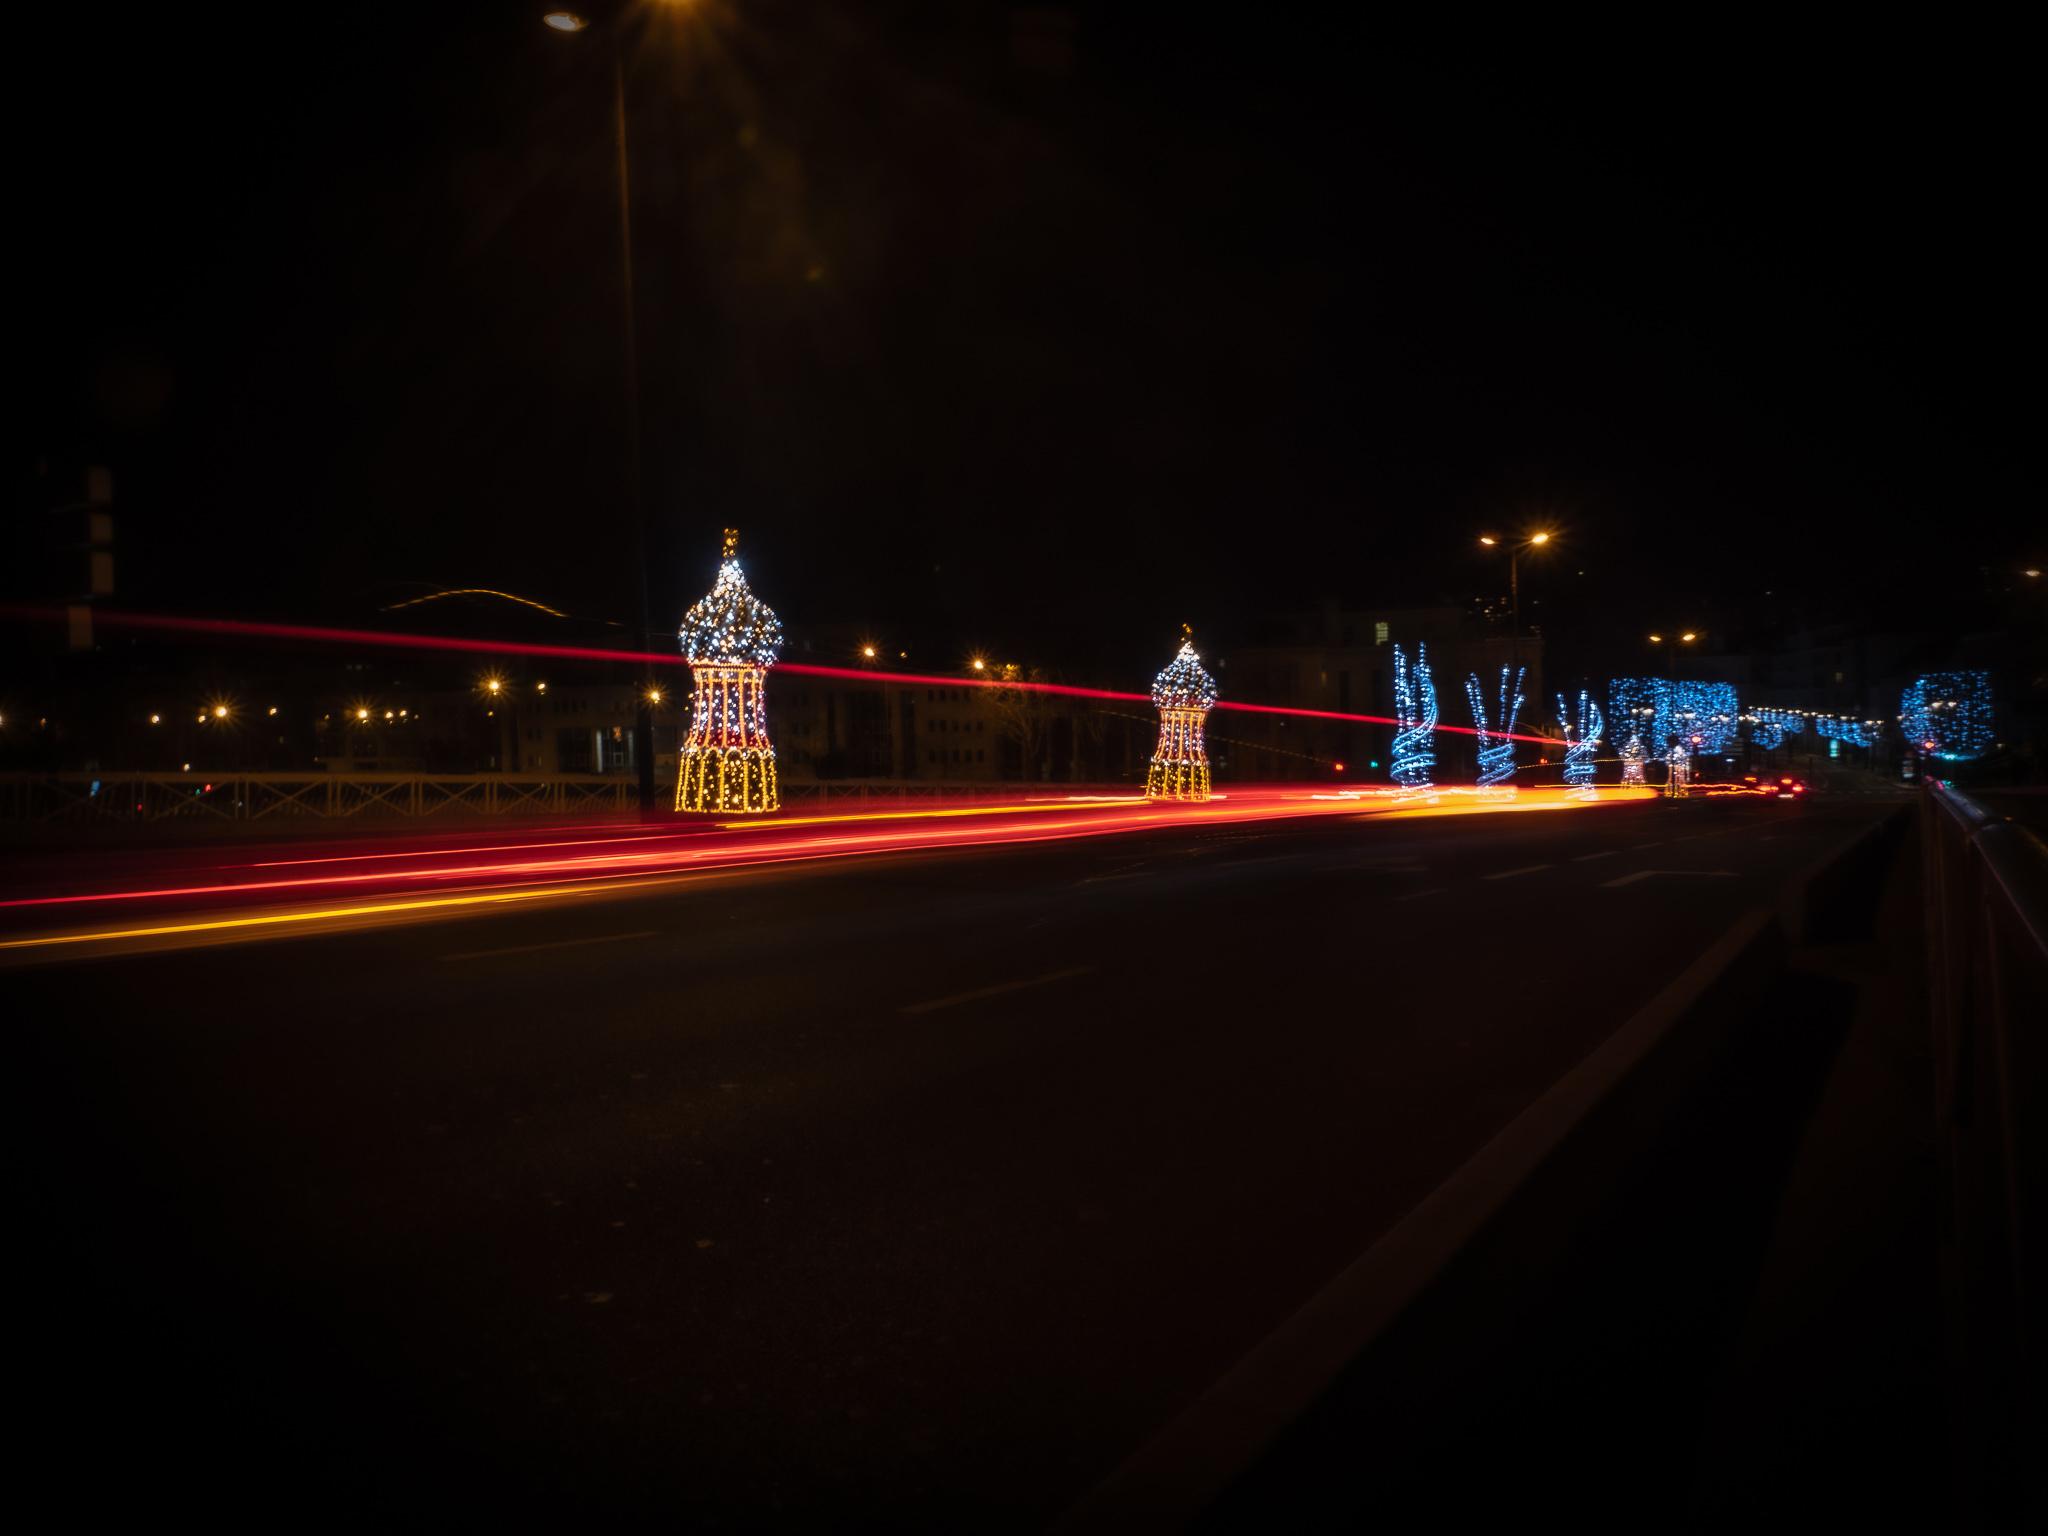 puteaux-pont-nuit-voitures-arttractiv